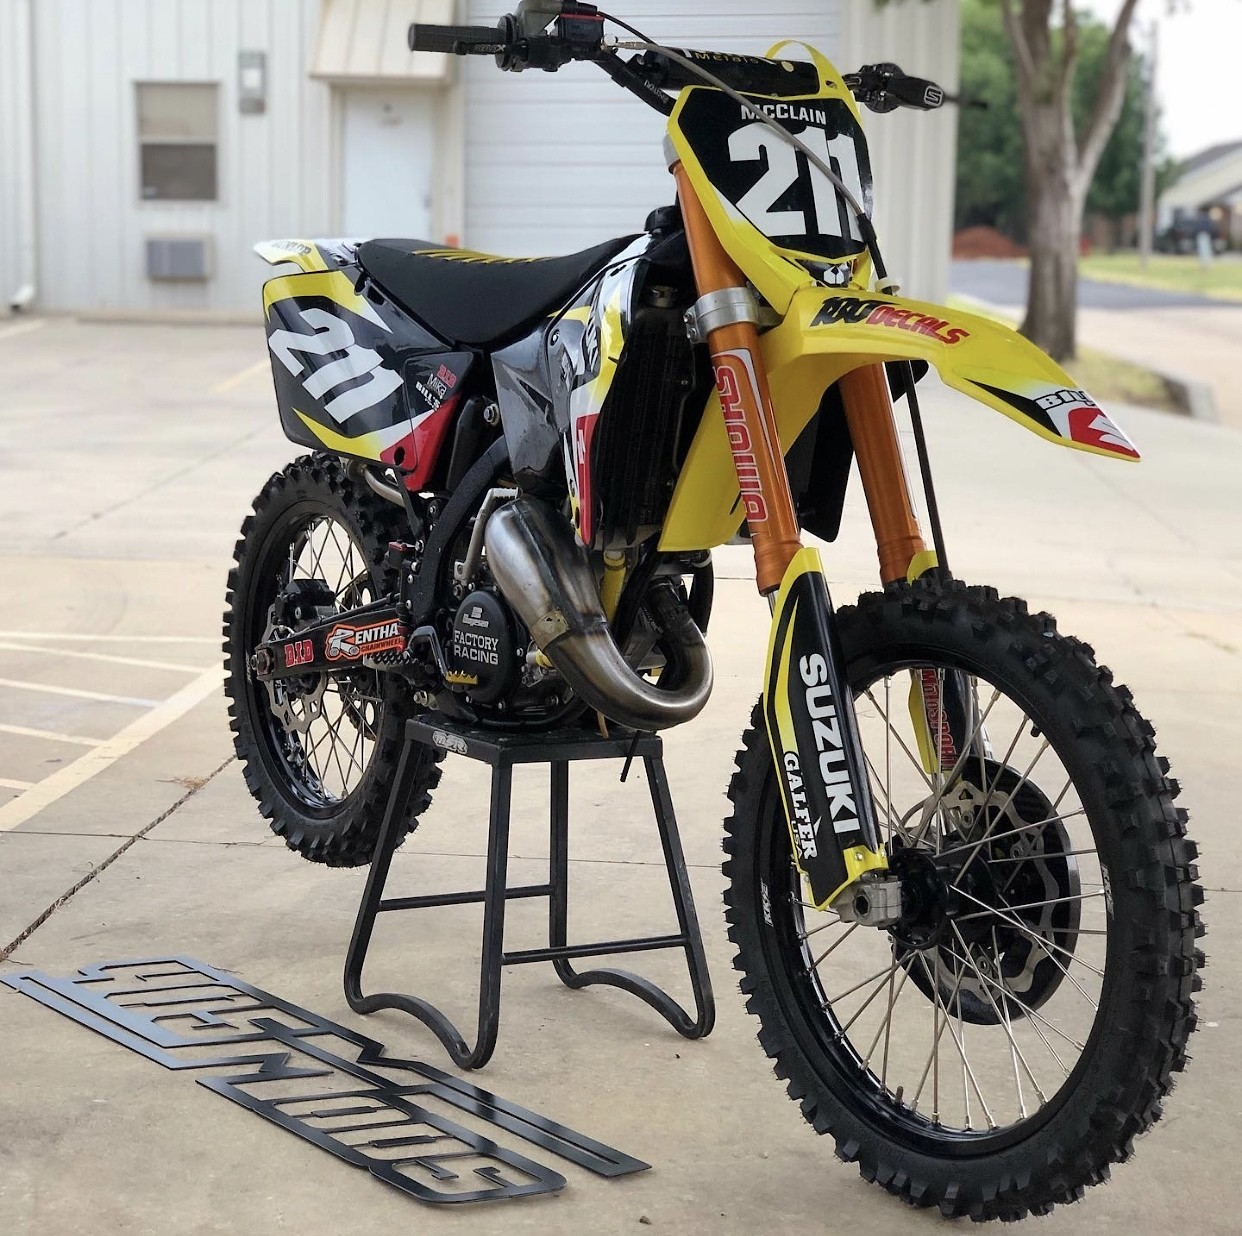 2004 Suzuki RM 125